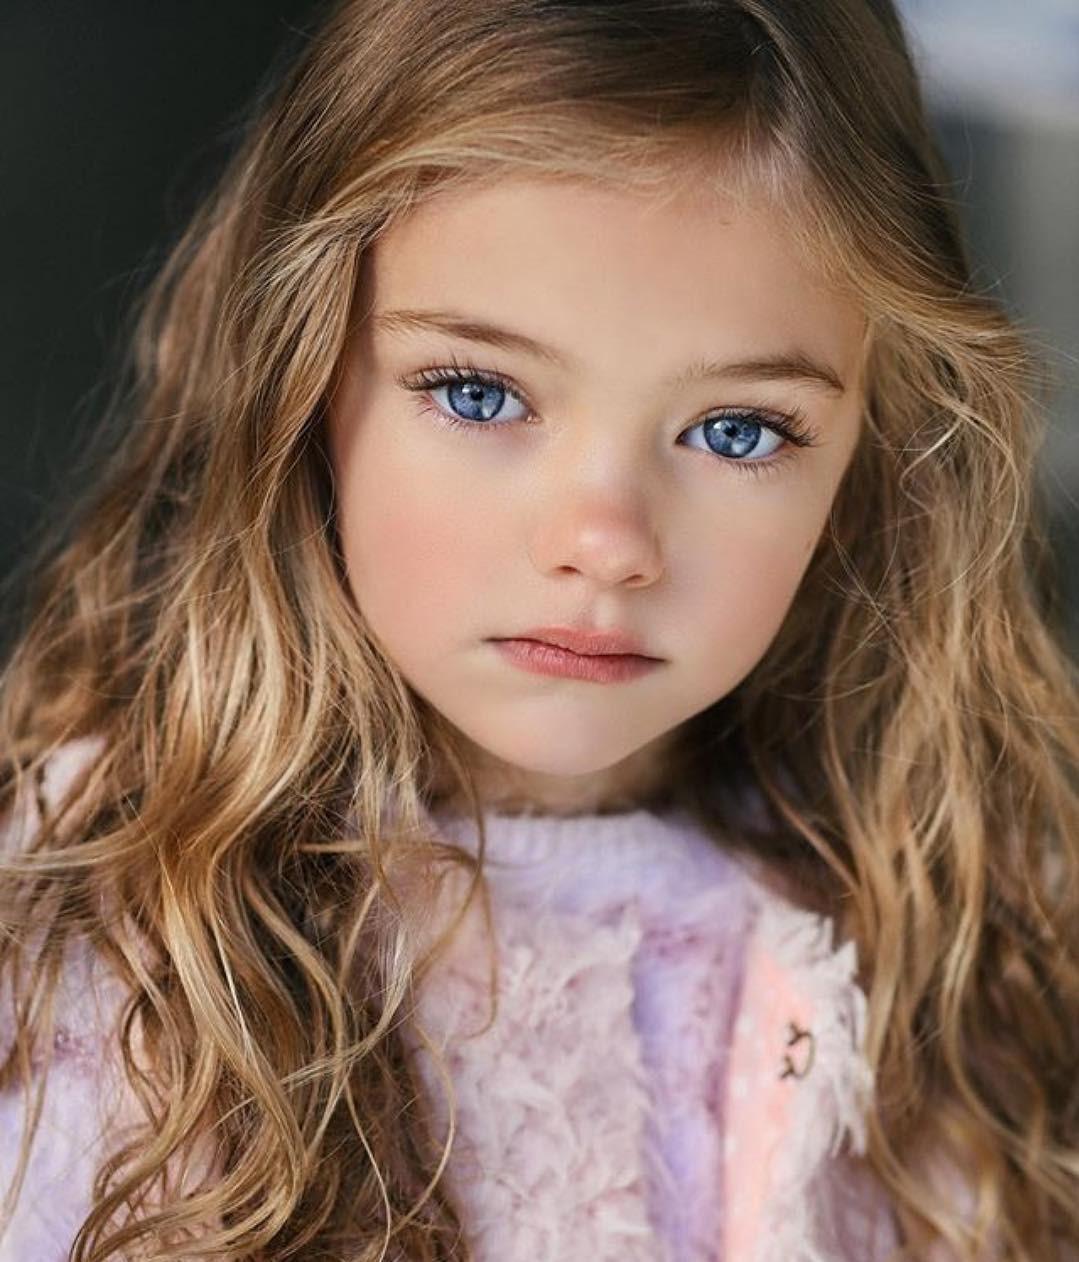 13 nhóc tì nổi tiếng khắp thế giới nhờ vẻ đẹp thiên thần không thể cưỡng lại - ảnh 16